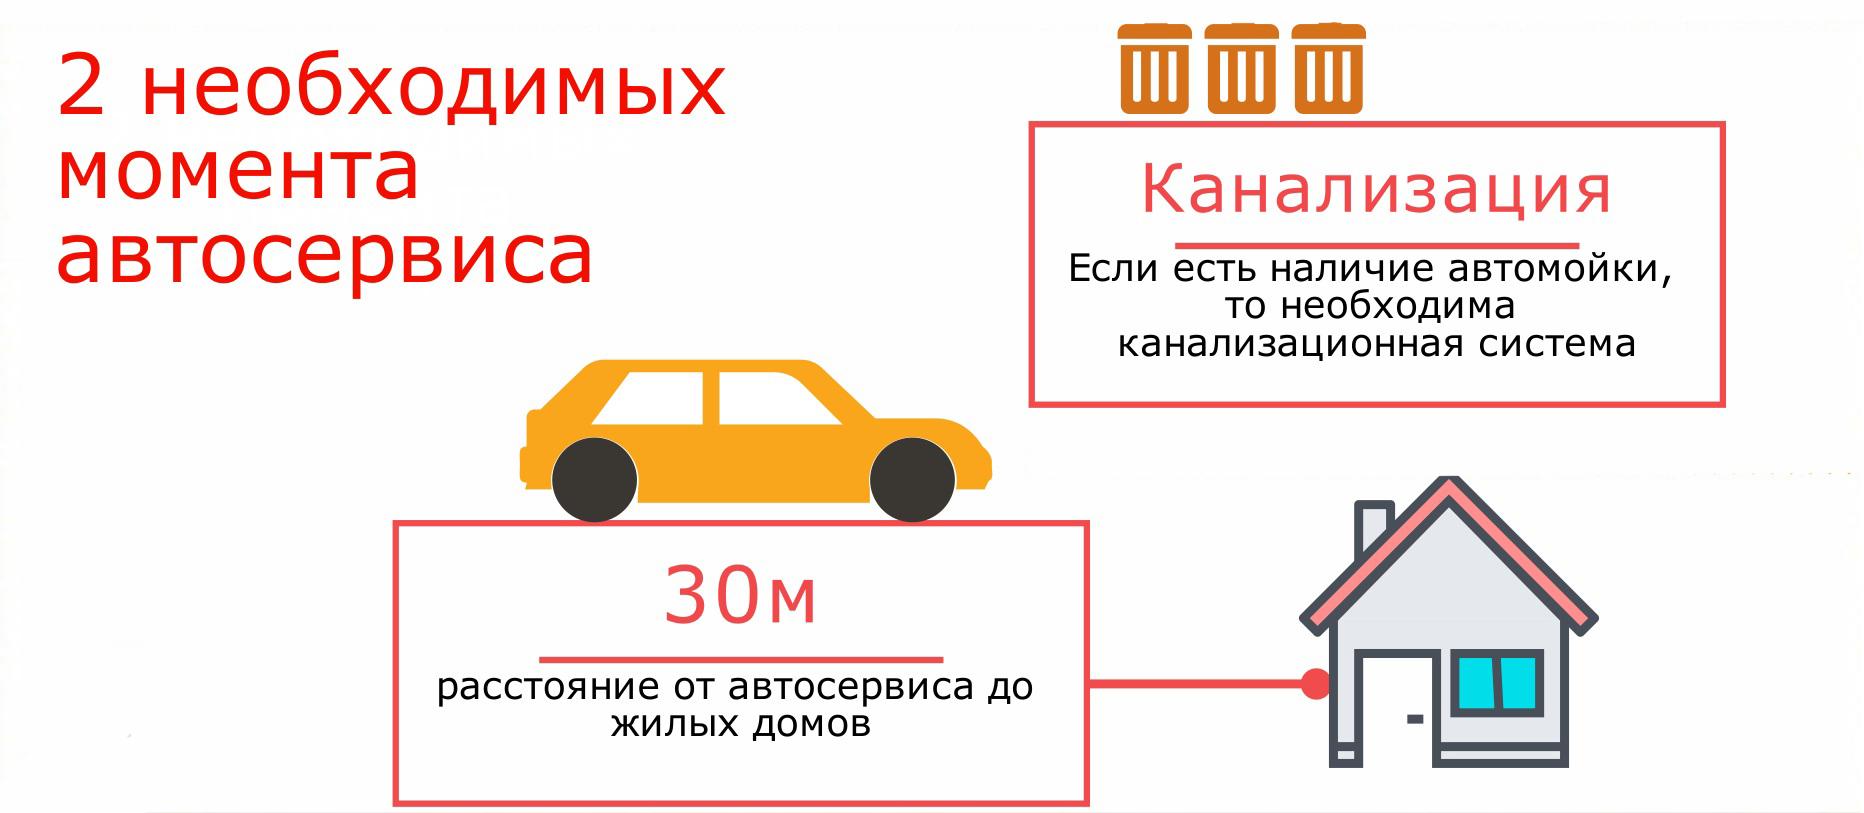 Требования к открытию автосервиса в Москве